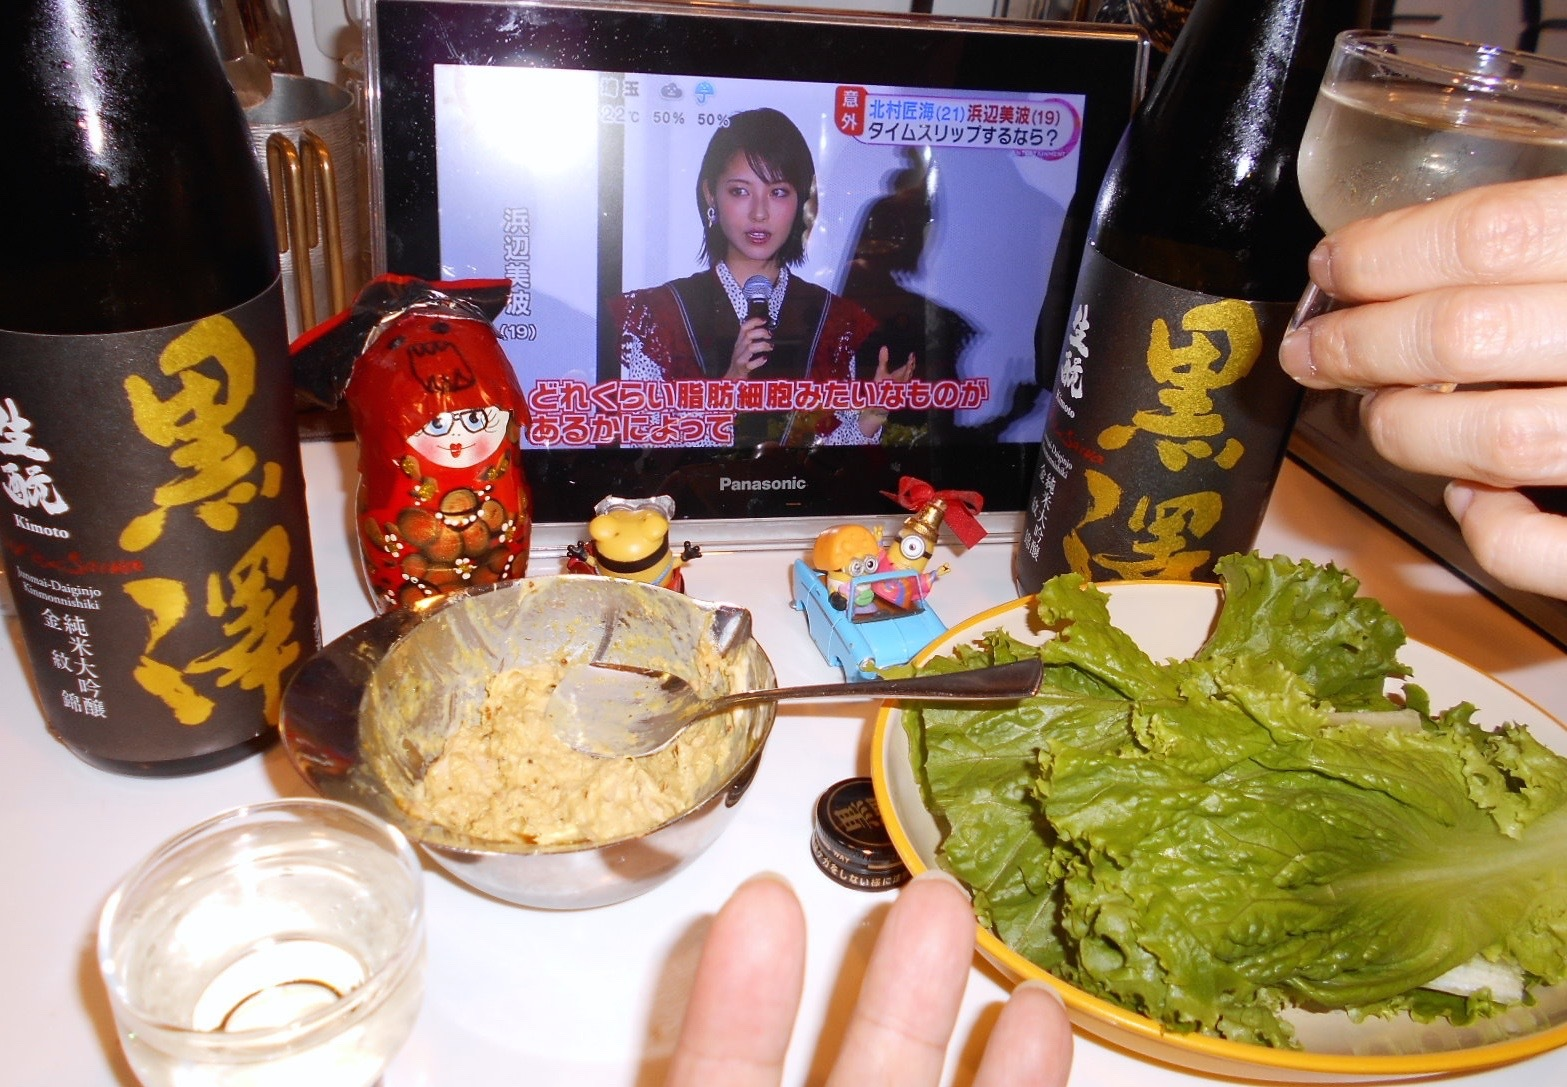 kurosawa_kinmon29by2_4.jpg